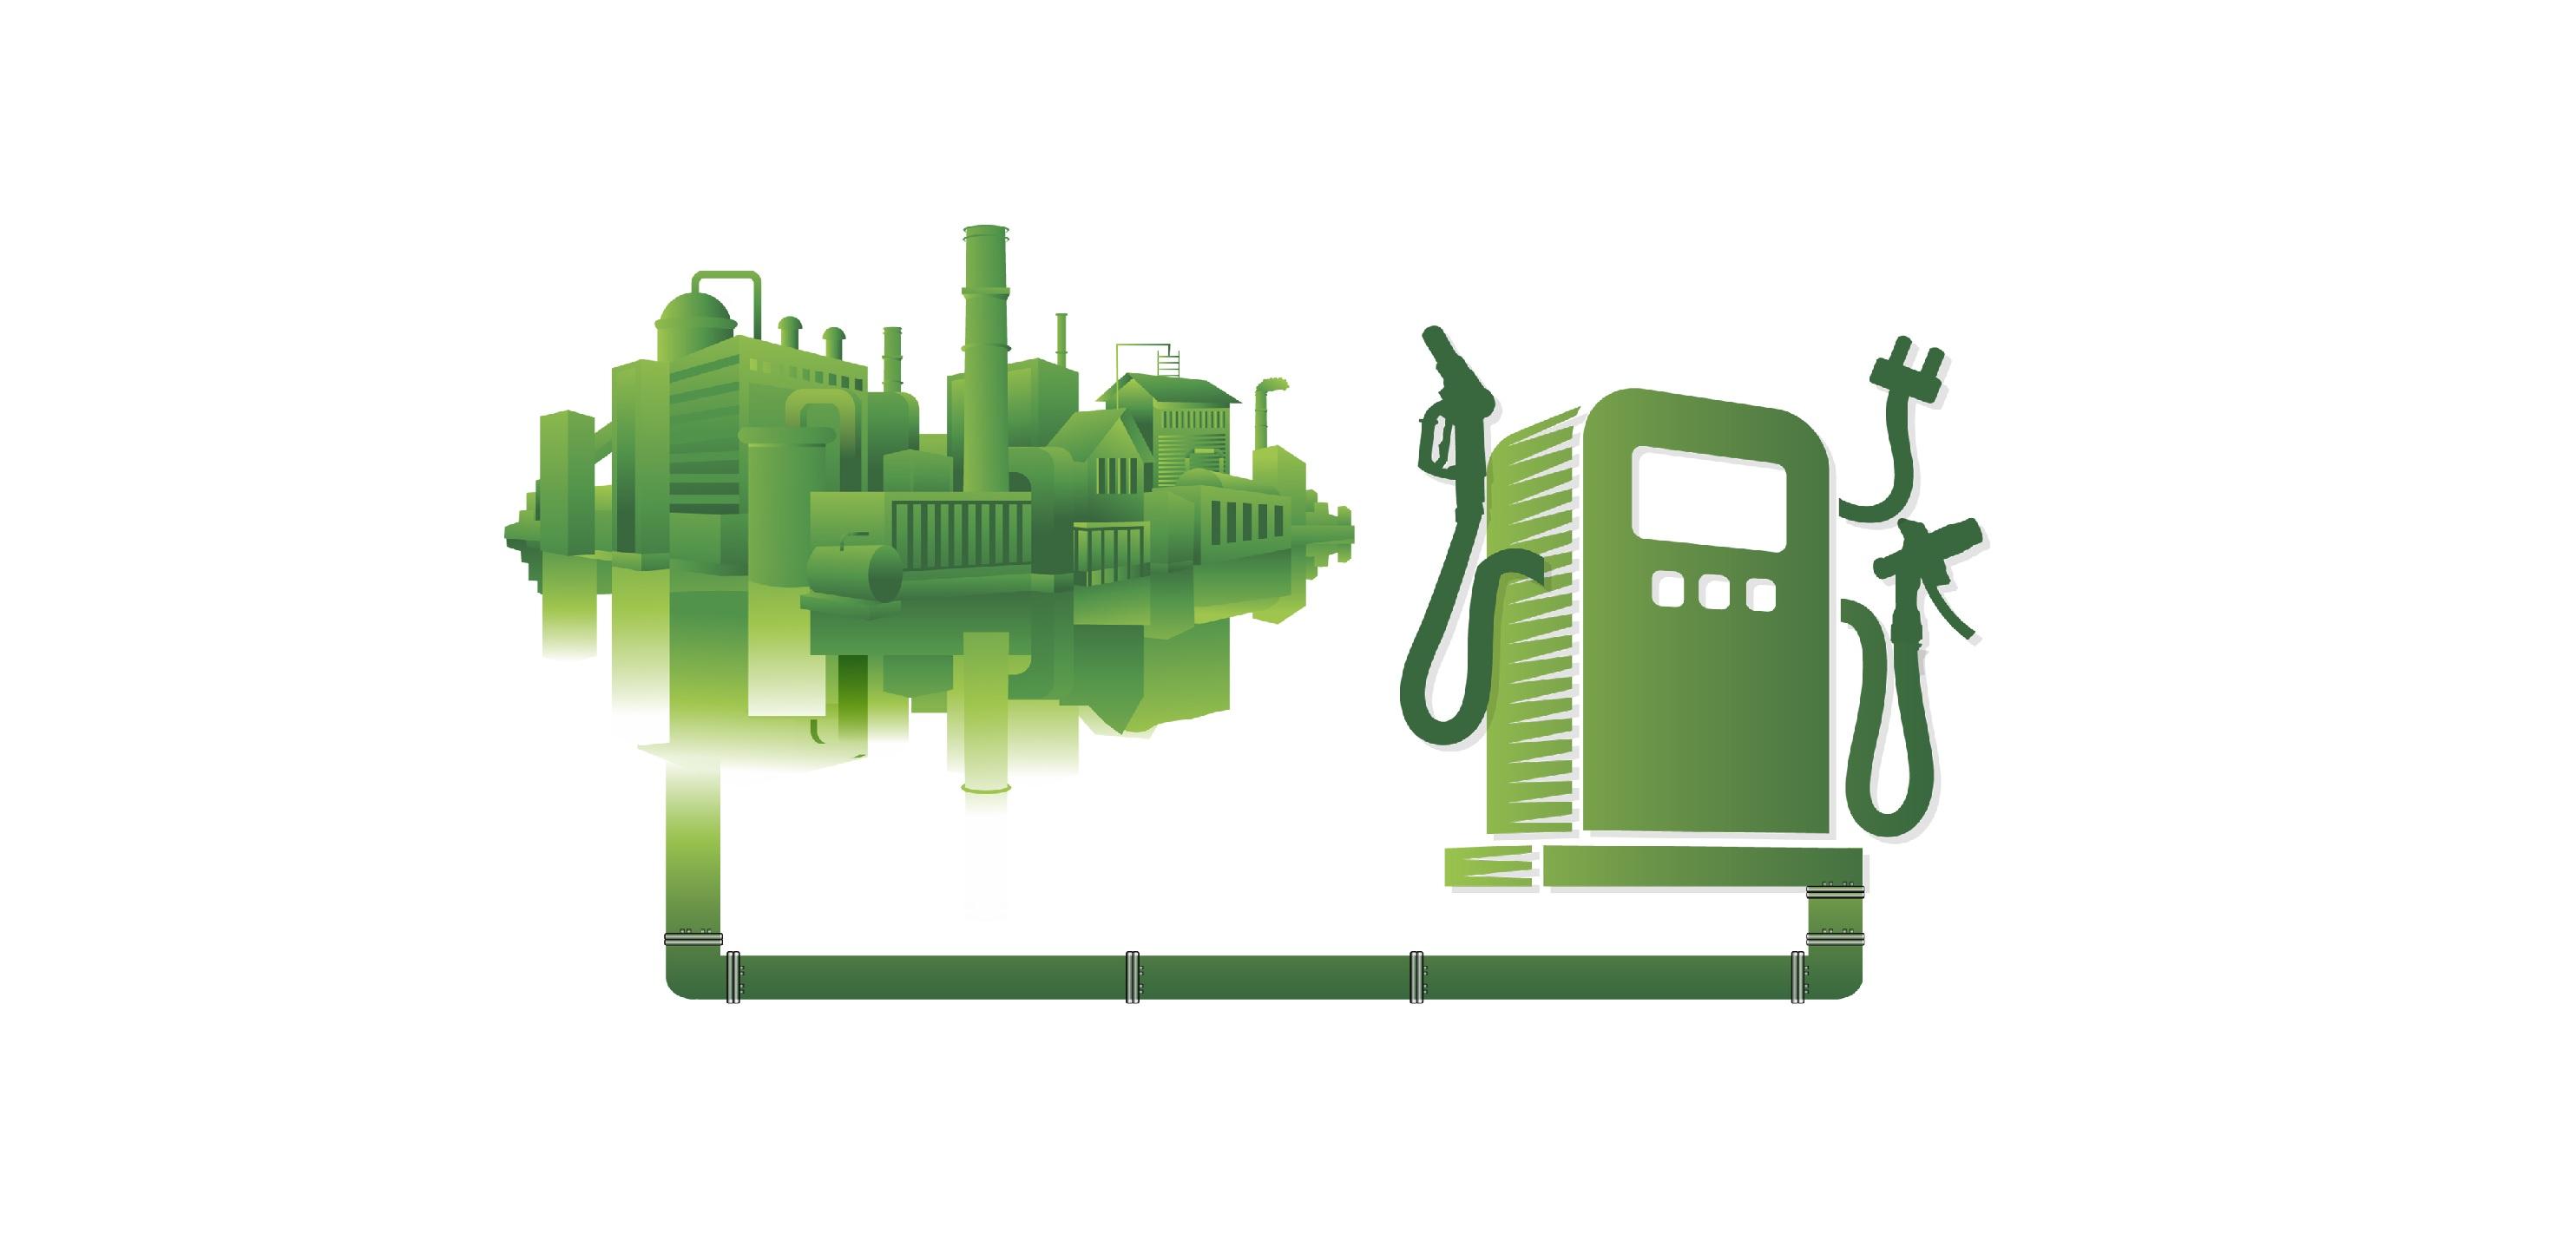 Evolving Alt-Fuel Infrastructure